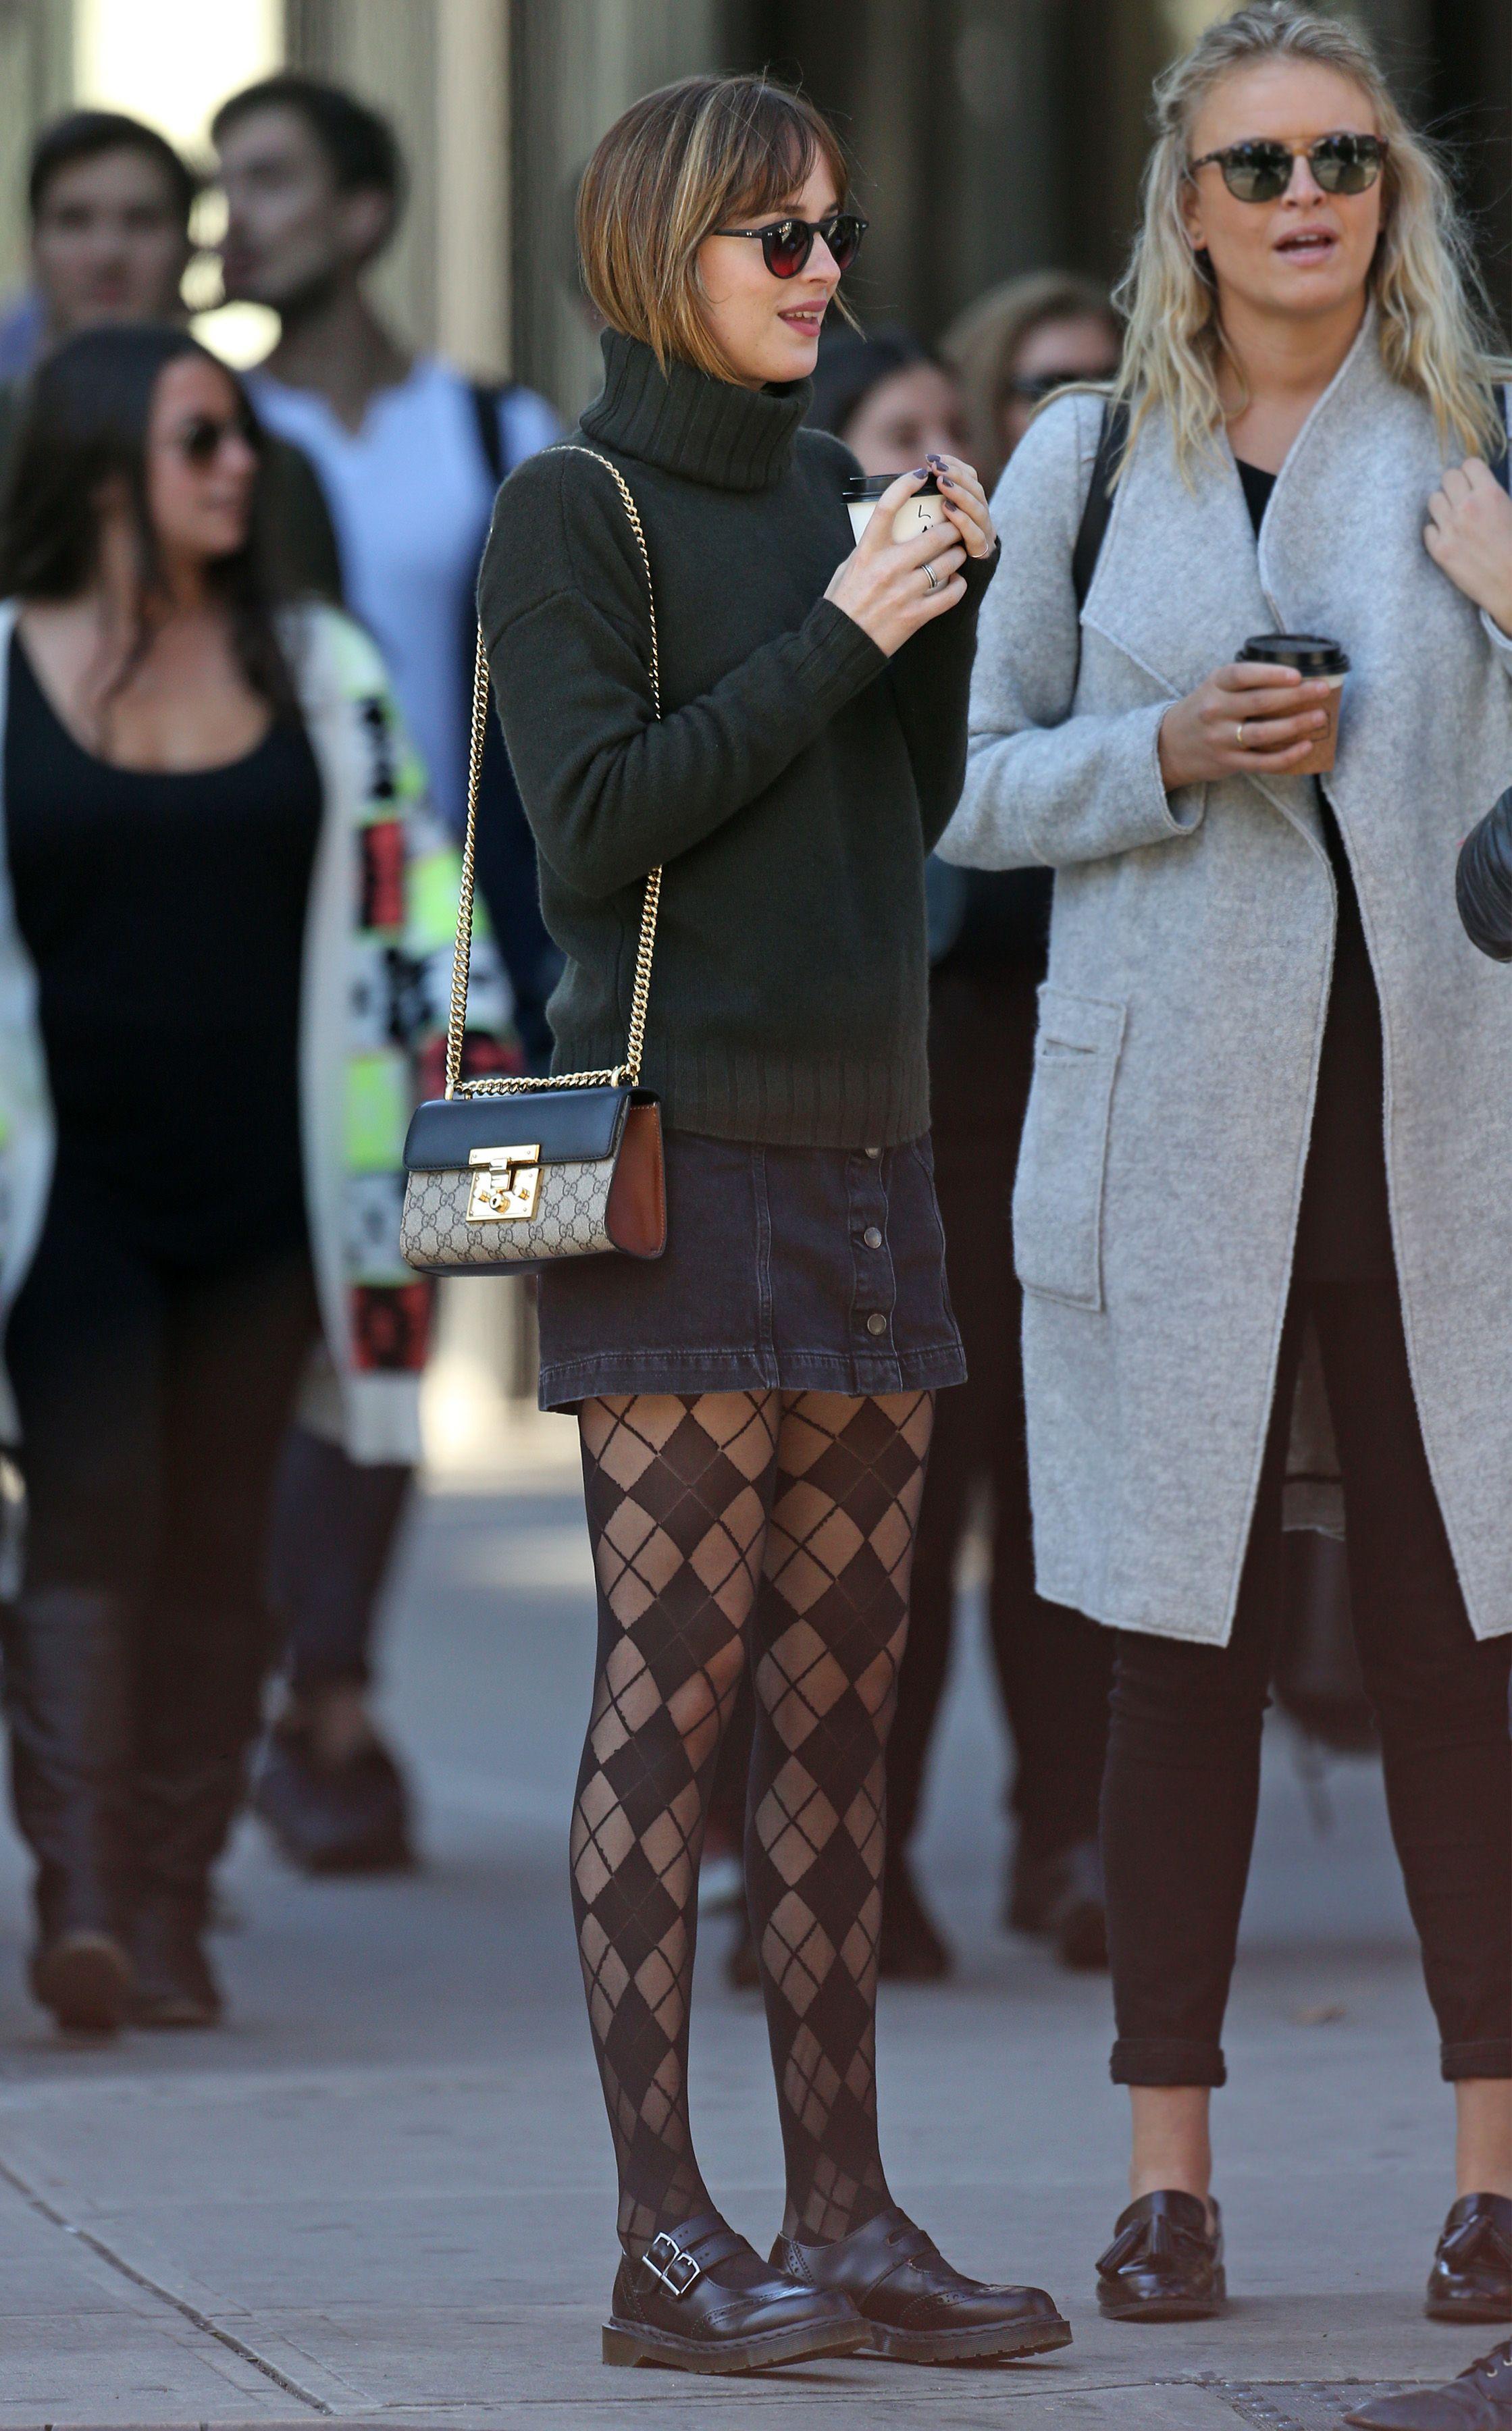 Формула состоит в том, чтобы все остальное  к  принтованным колготкам было  спокойно-гендерно-нейтральное.   Грубый свитер, демократичная юбка,   пансионные ботинки.    А ну-ка оцените,  как крупный, мужской рисунок вдруг сделал  традиционно  сусальные  колготки,  удобоваримыми рядом   с джинсой.